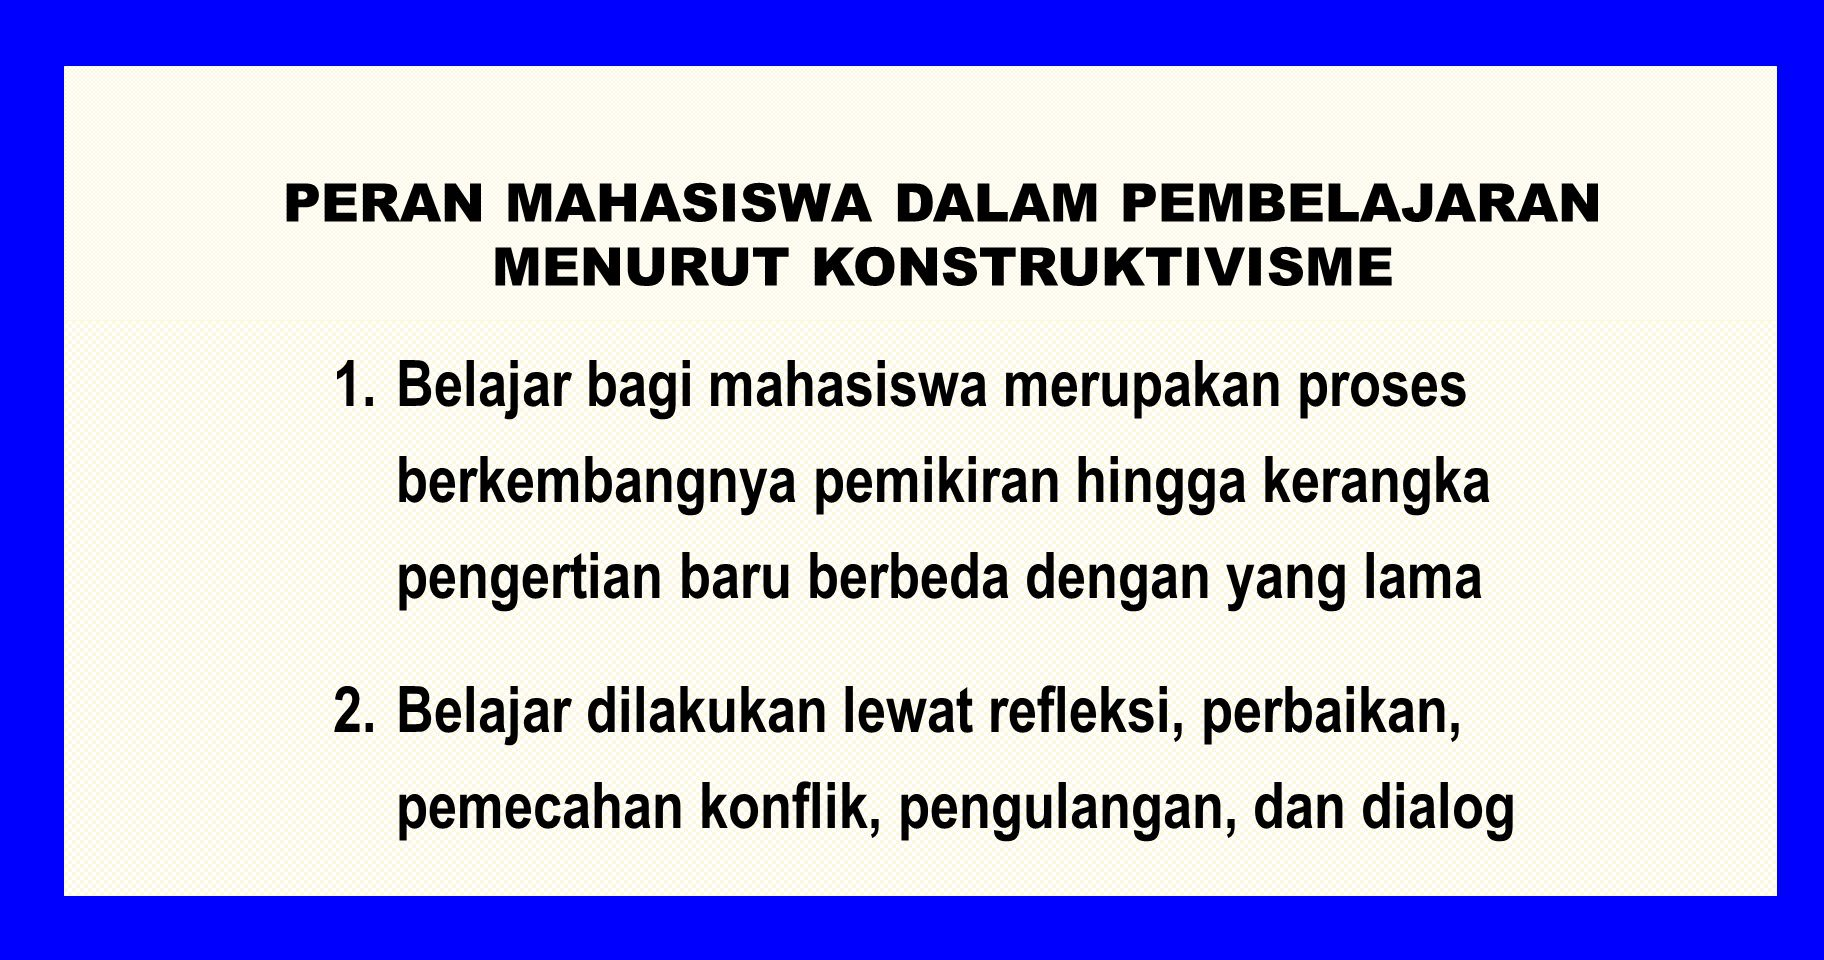 PERAN MAHASISWA DALAM PEMBELAJARAN MENURUT KONSTRUKTIVISME